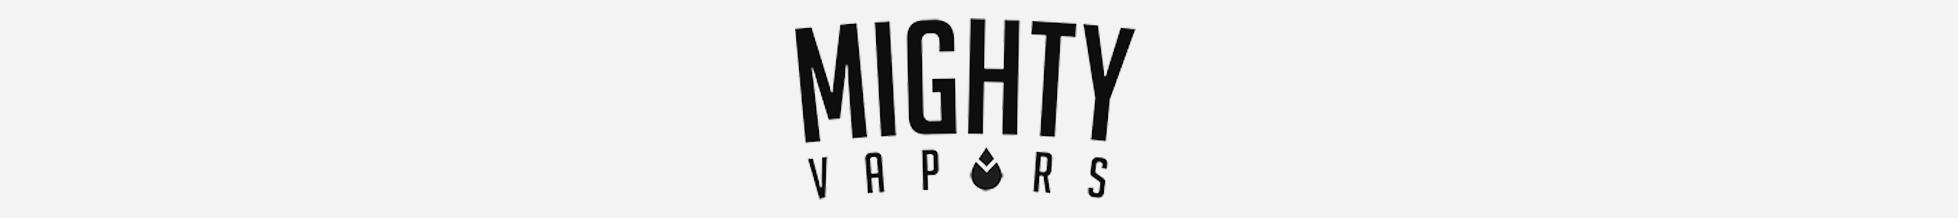 mighty-vapors-category.jpg